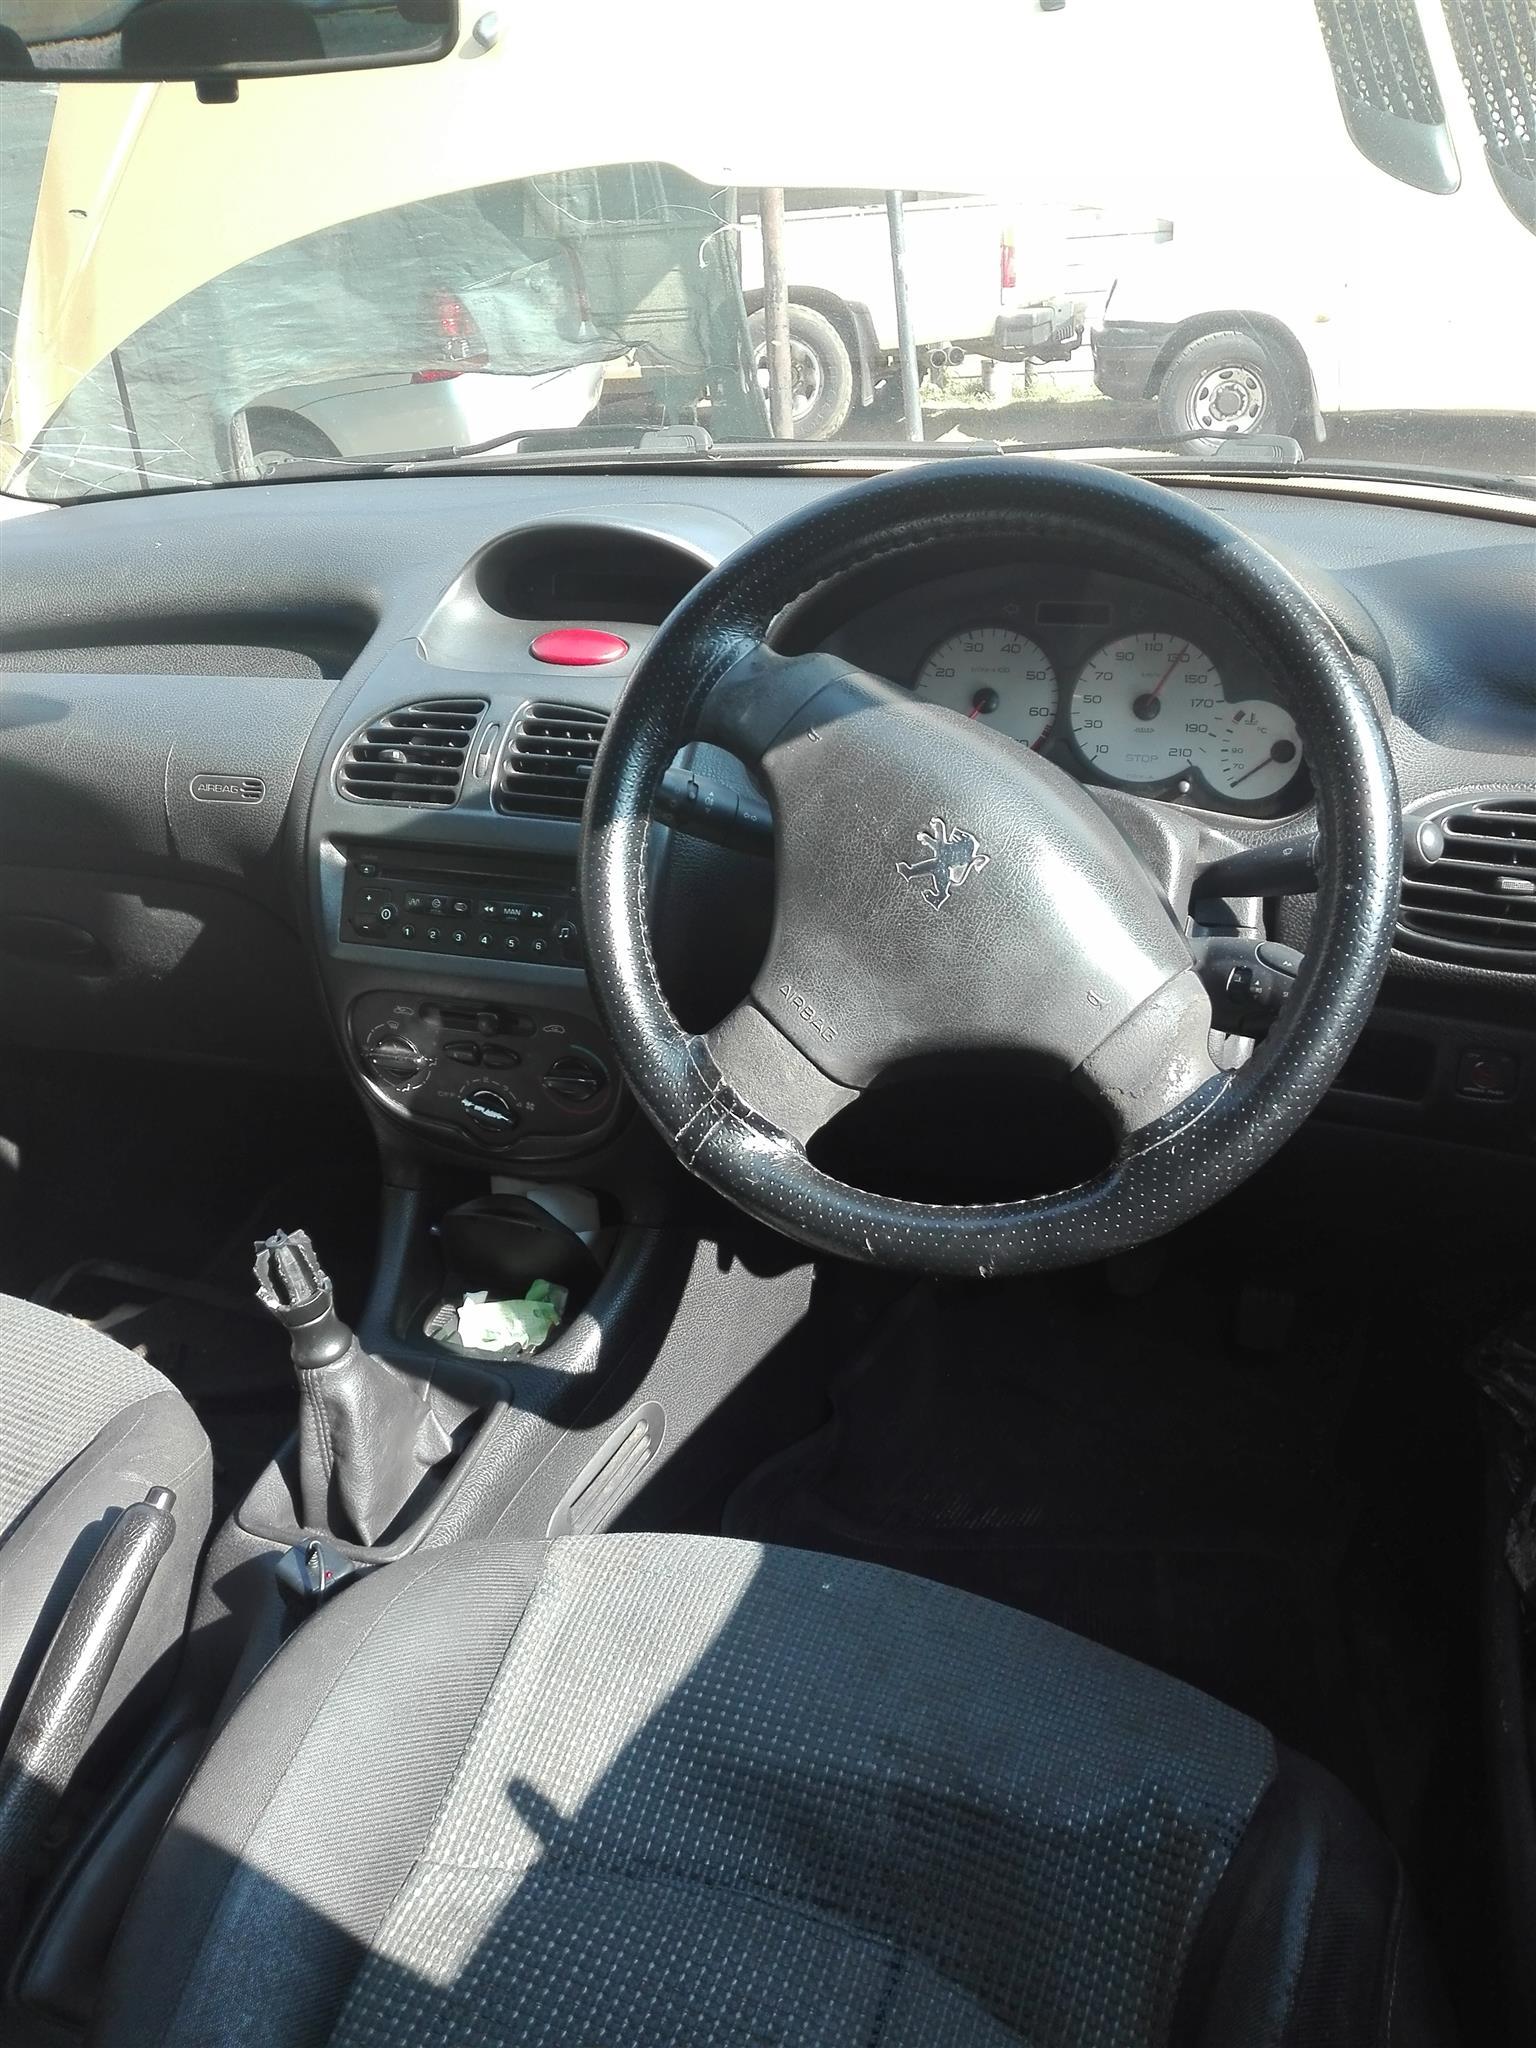 35f5dd4375fc 2004 Peugeot 206 1.4 16V XS Line